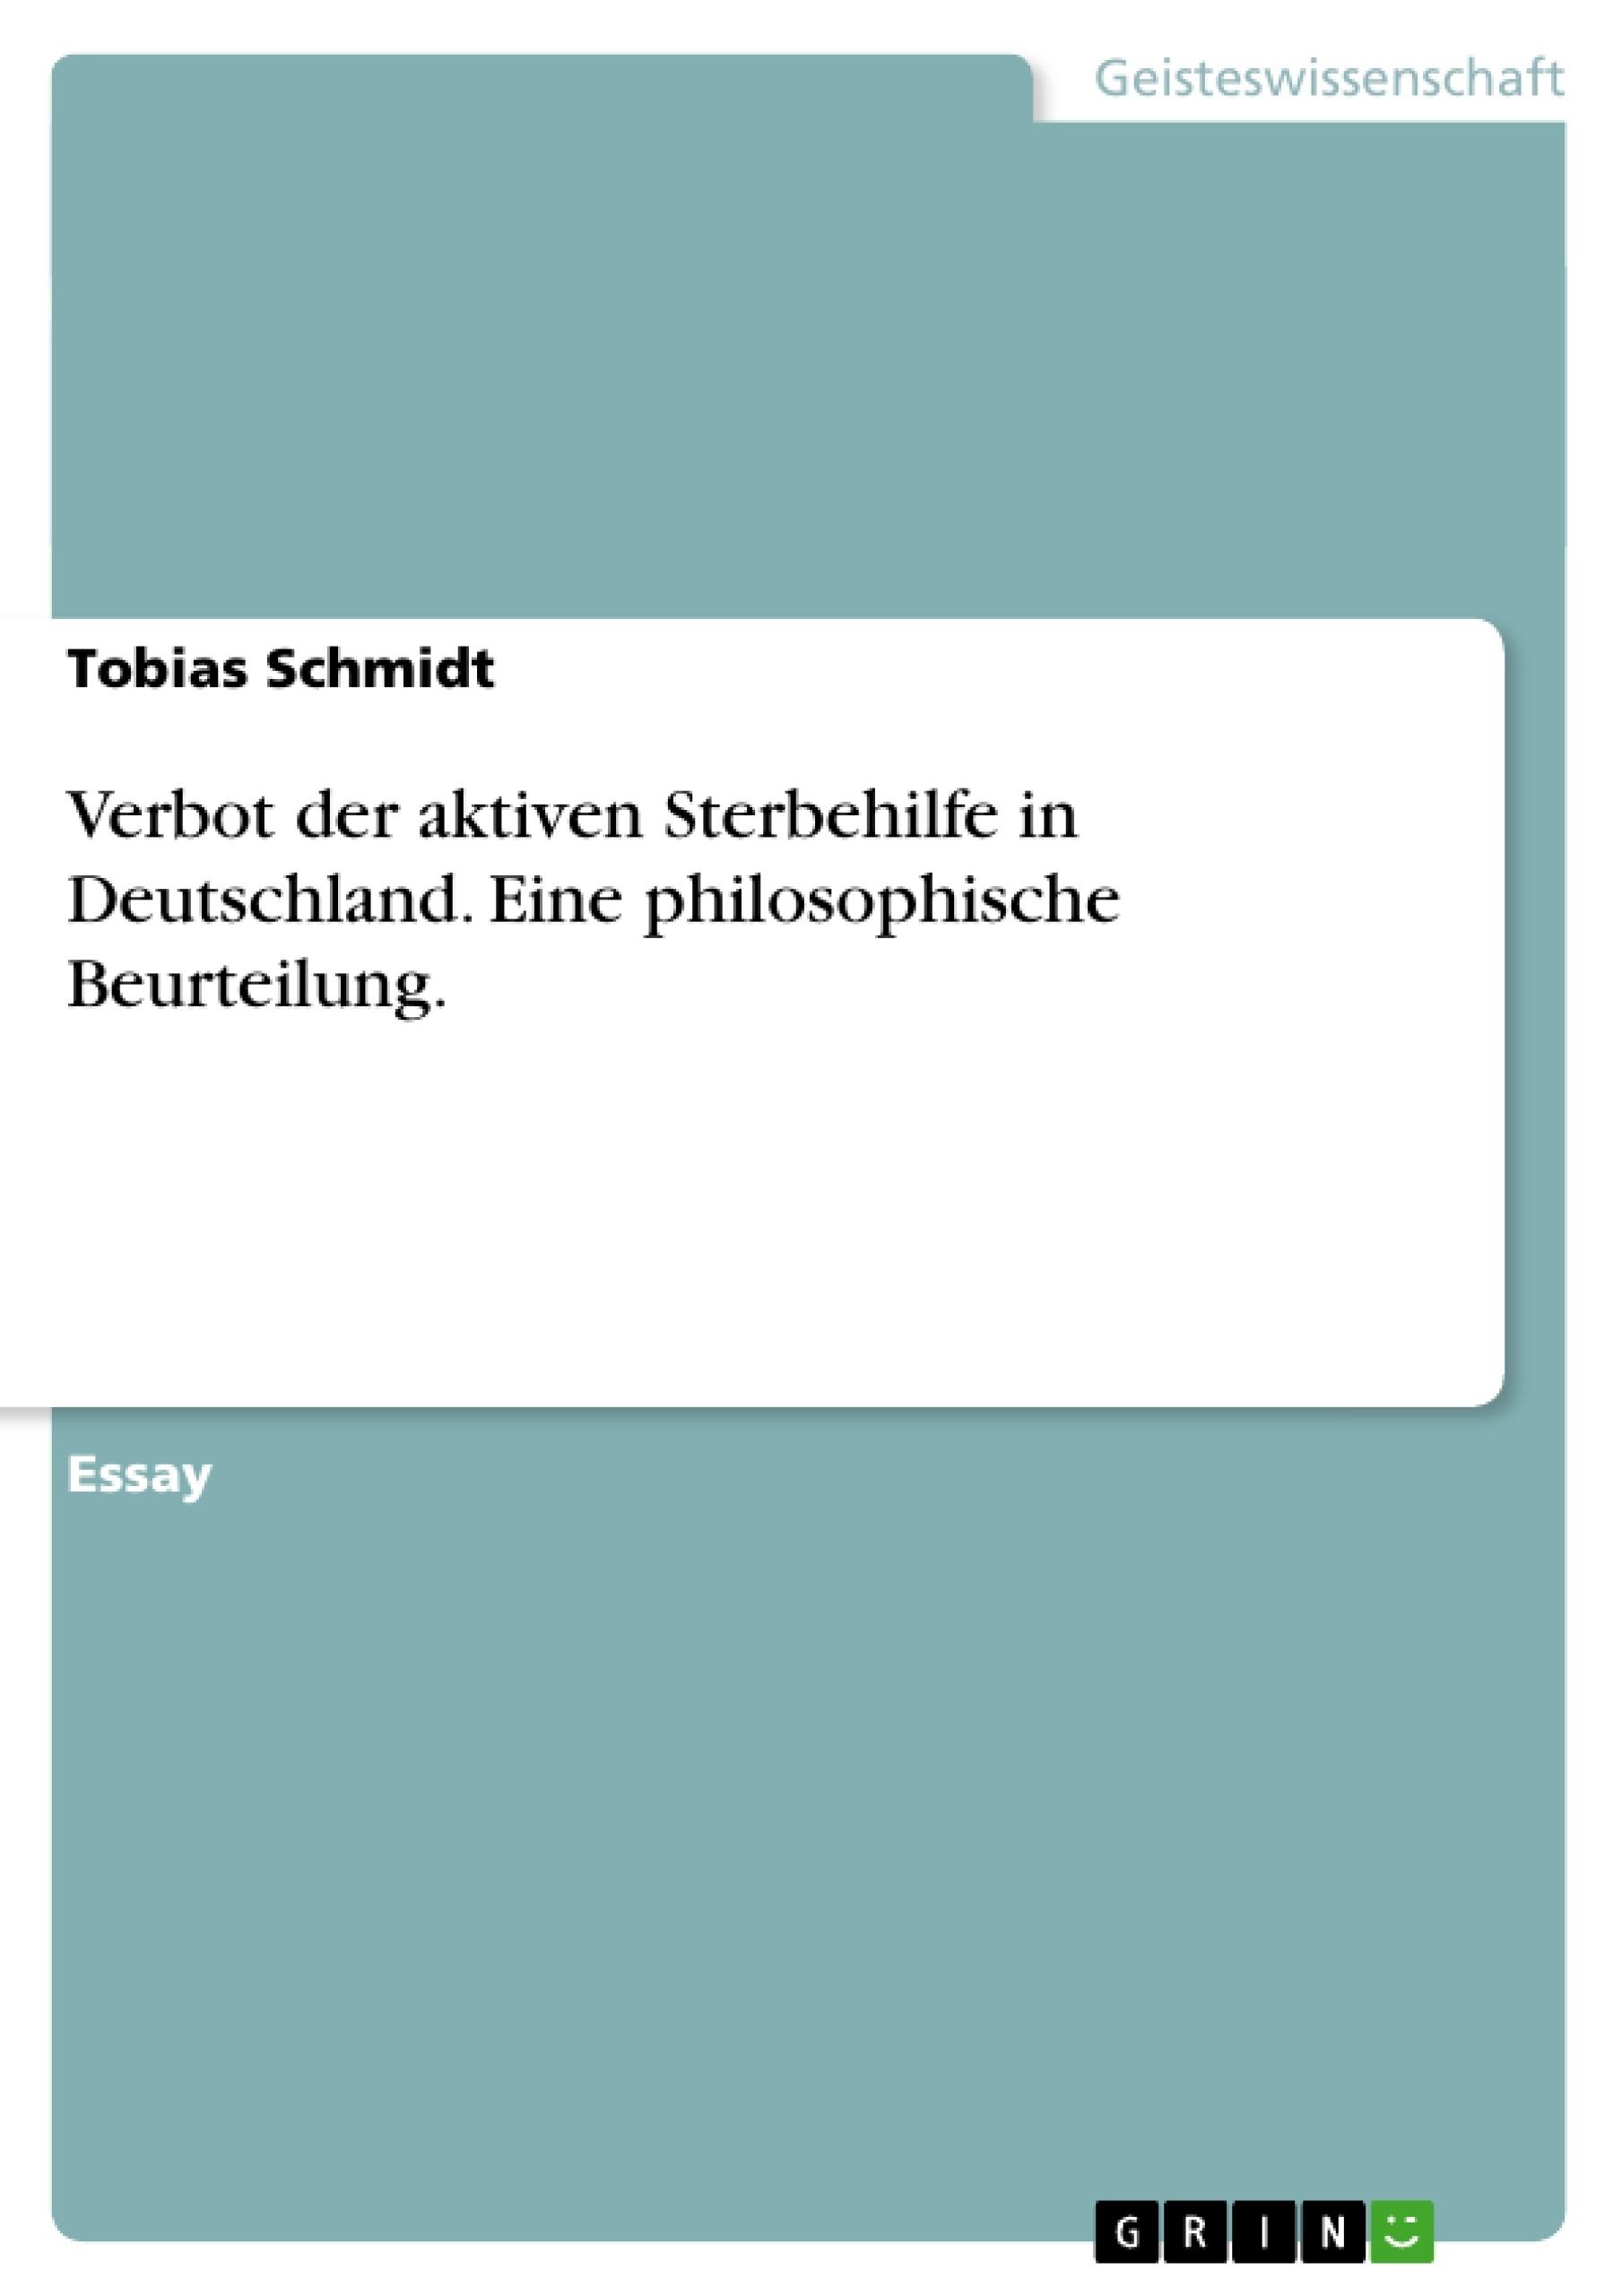 Titel: Verbot der aktiven Sterbehilfe in Deutschland. Eine philosophische Beurteilung.